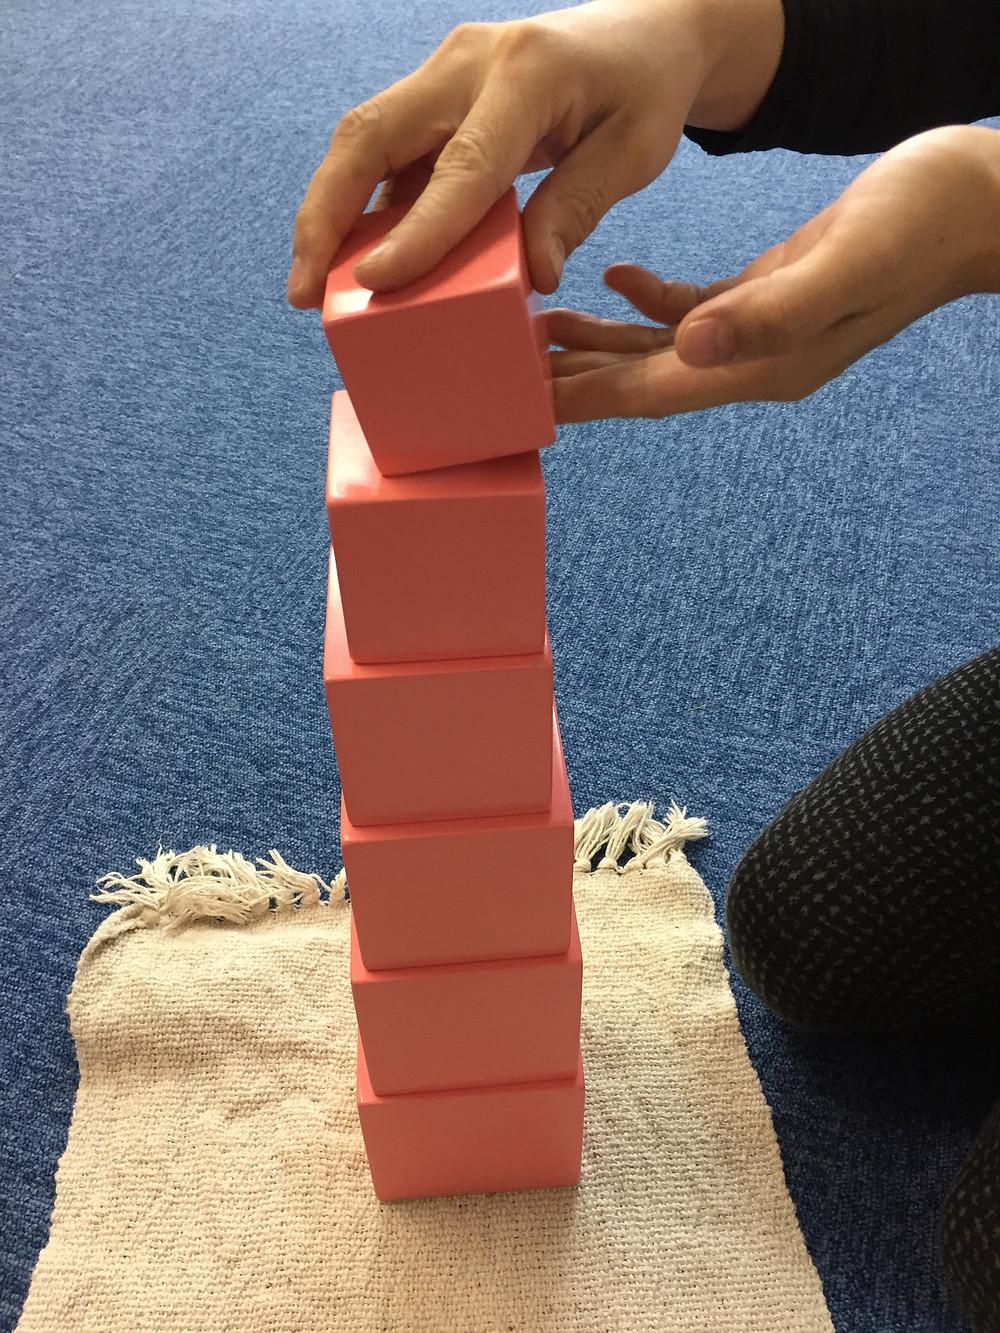 ピンクタワーの置き方、おろし方